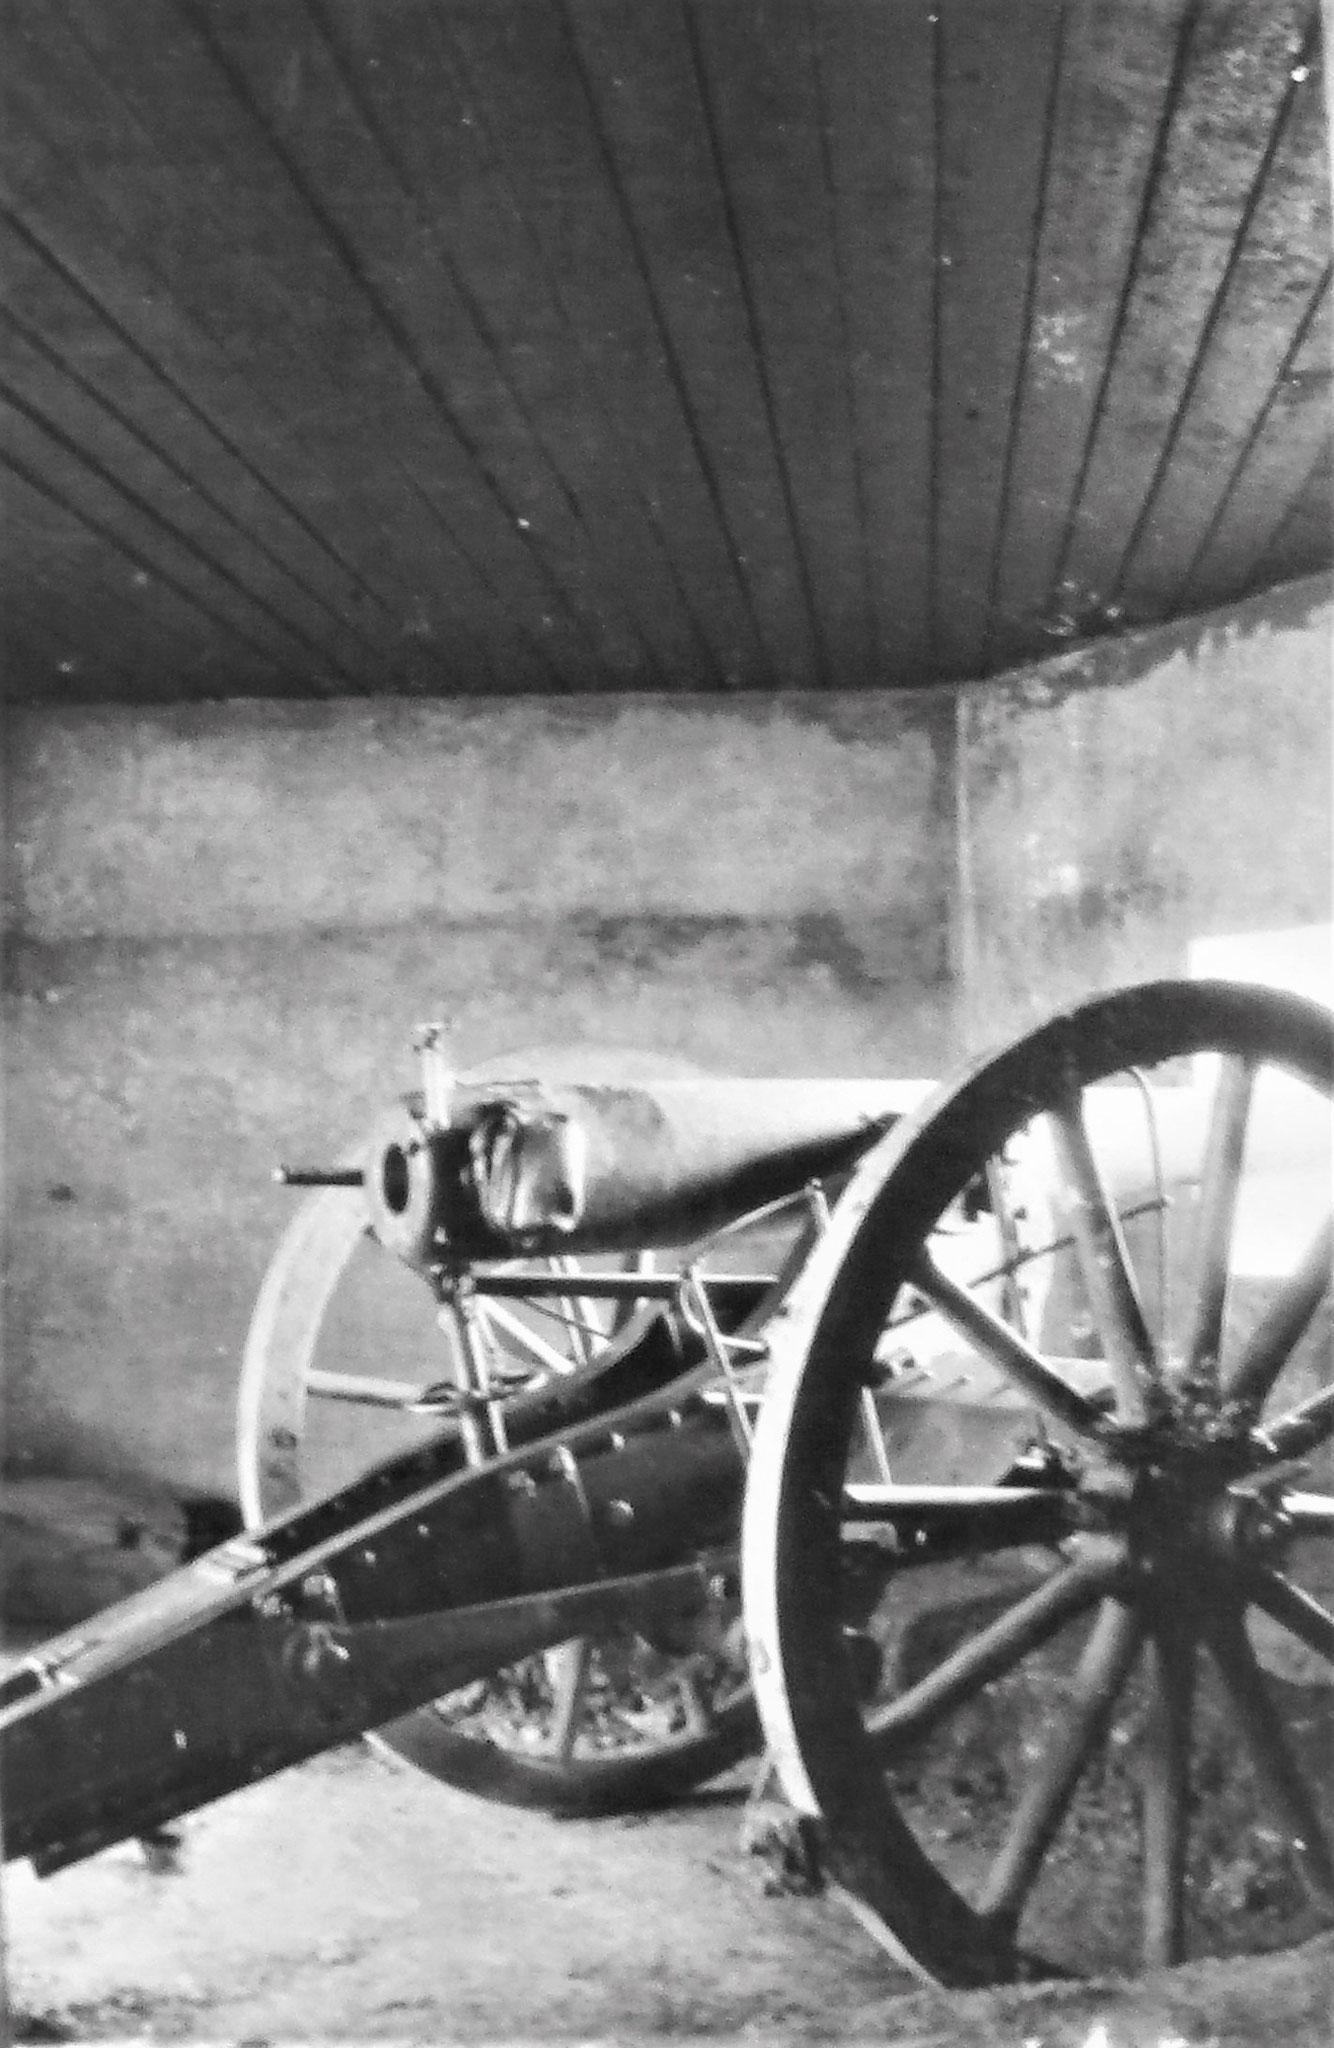 2. Sturmabwehrgeschütz (9 cm Feldkanone M 75/96) in betoniertem Unterstand.